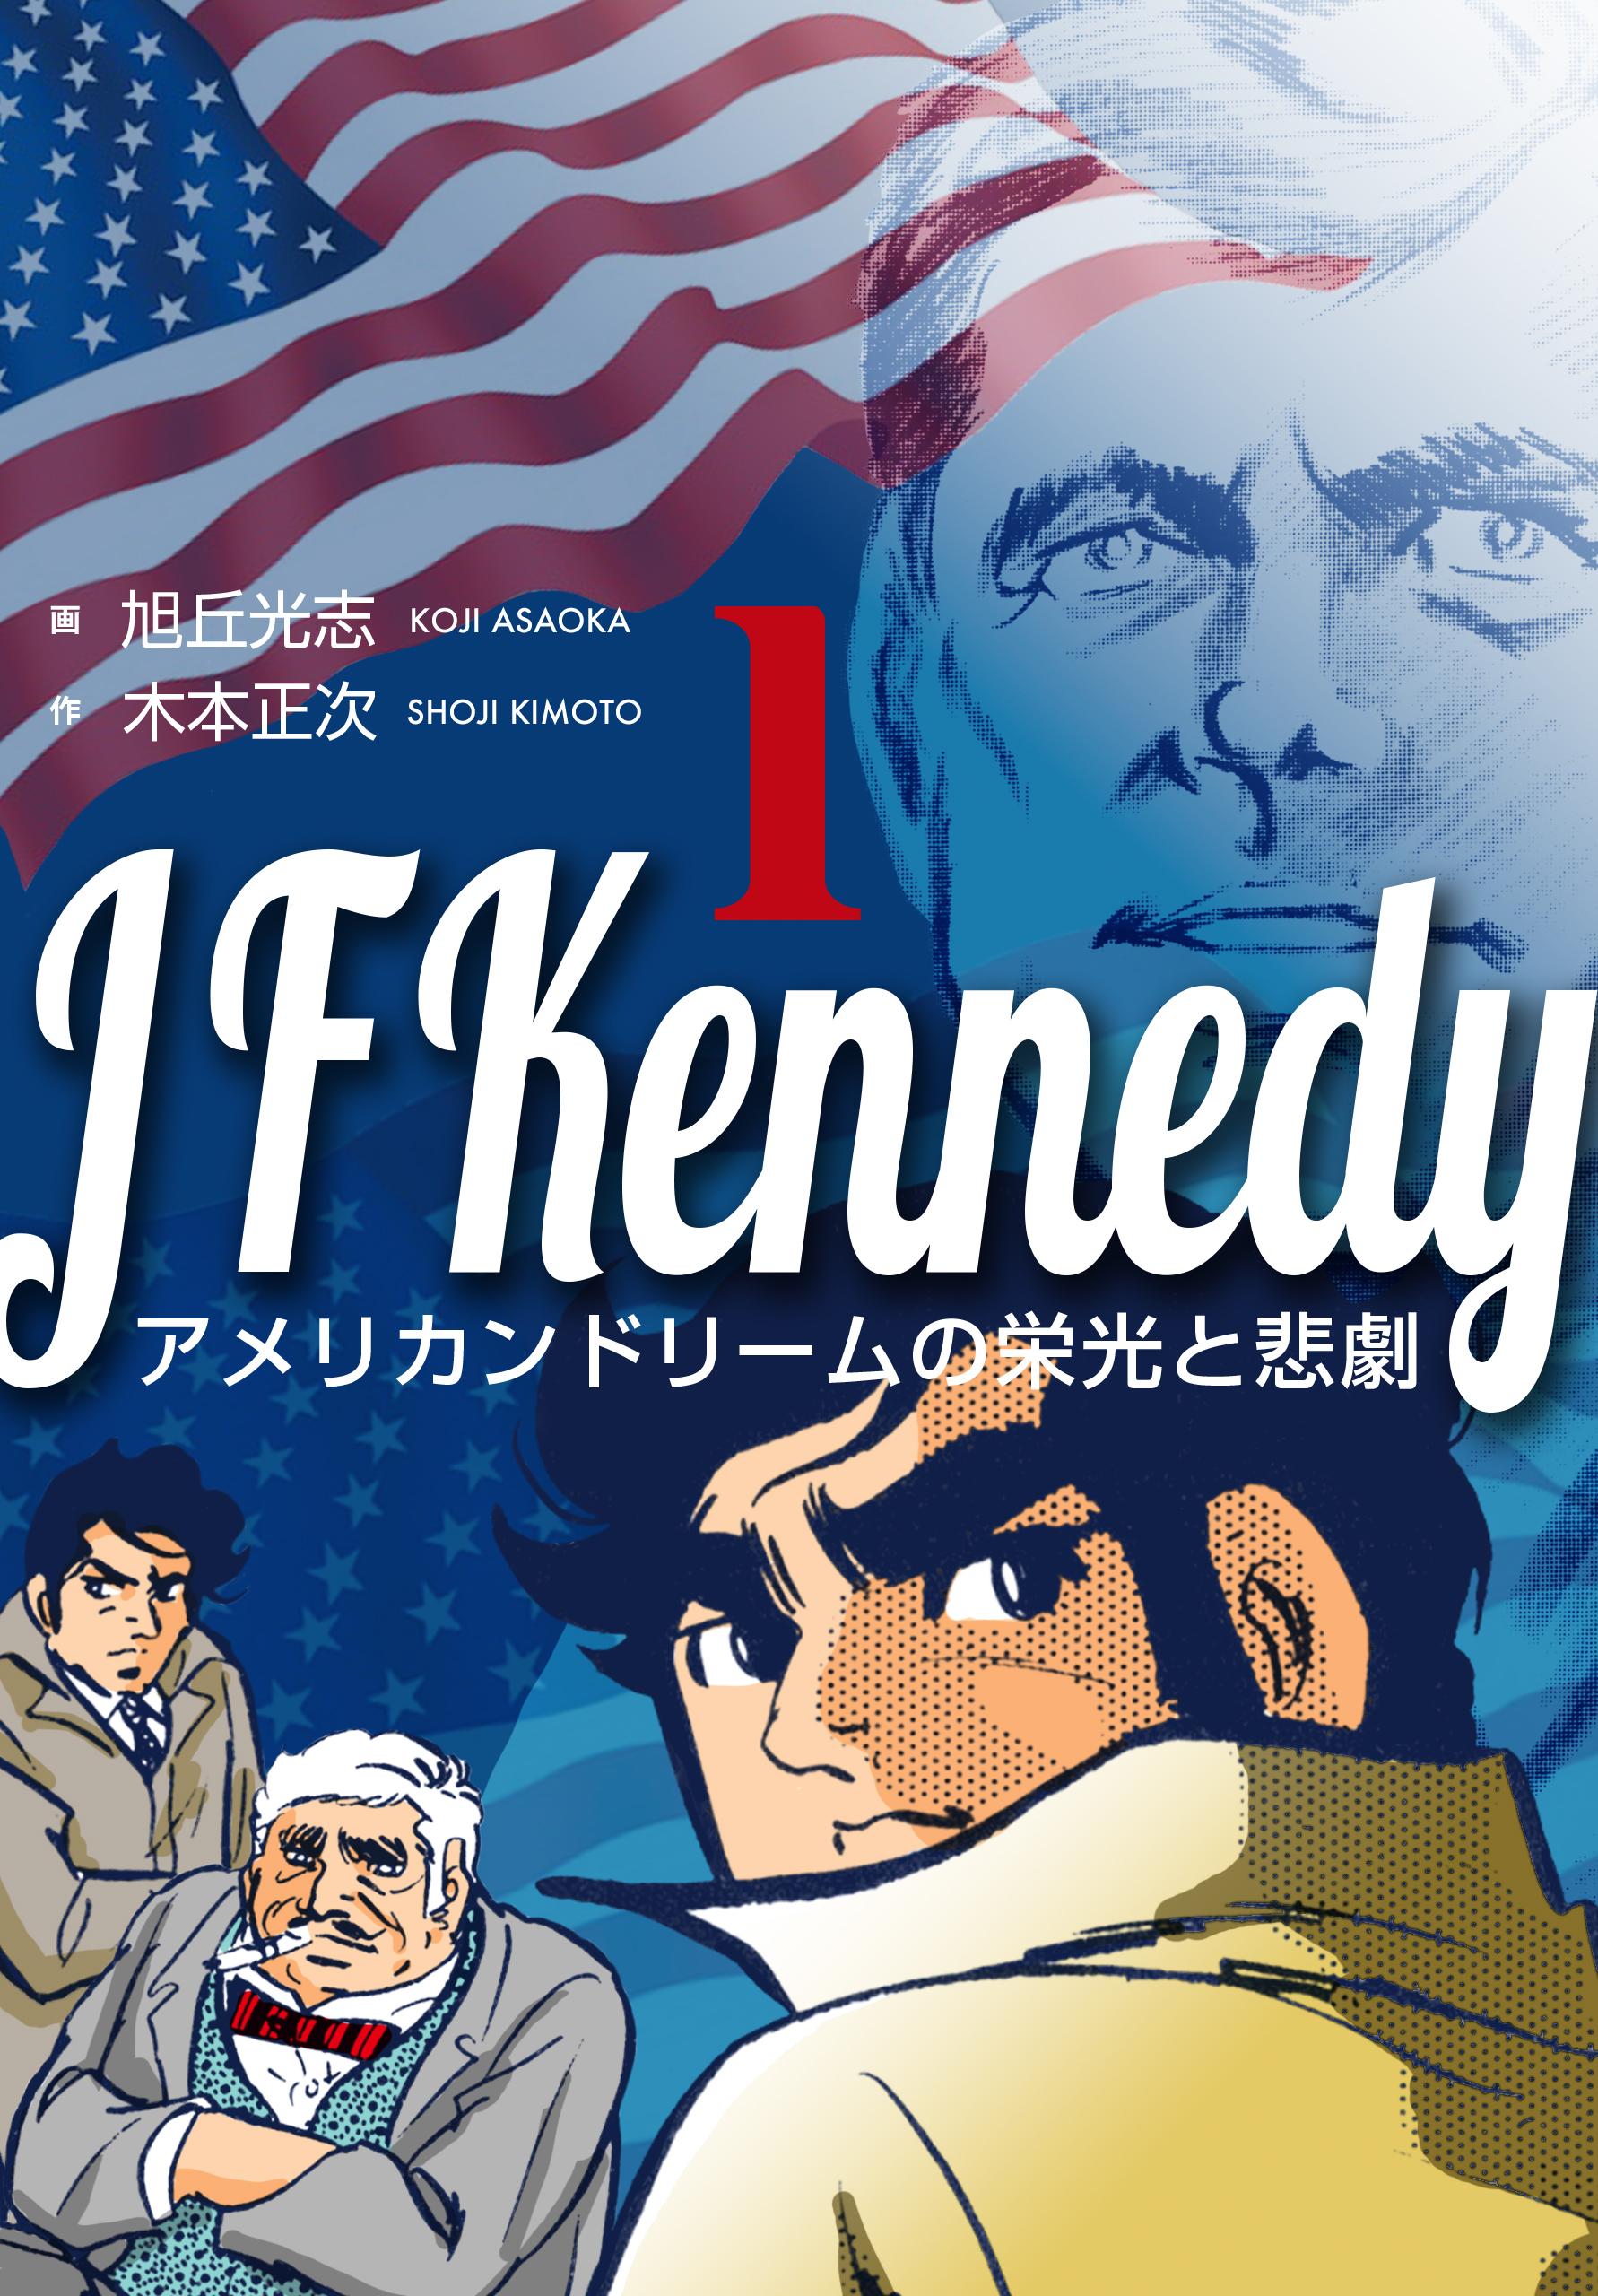 ジョン・F・ケネディ~アメリカンドリームの栄光と悲劇~(第1巻)